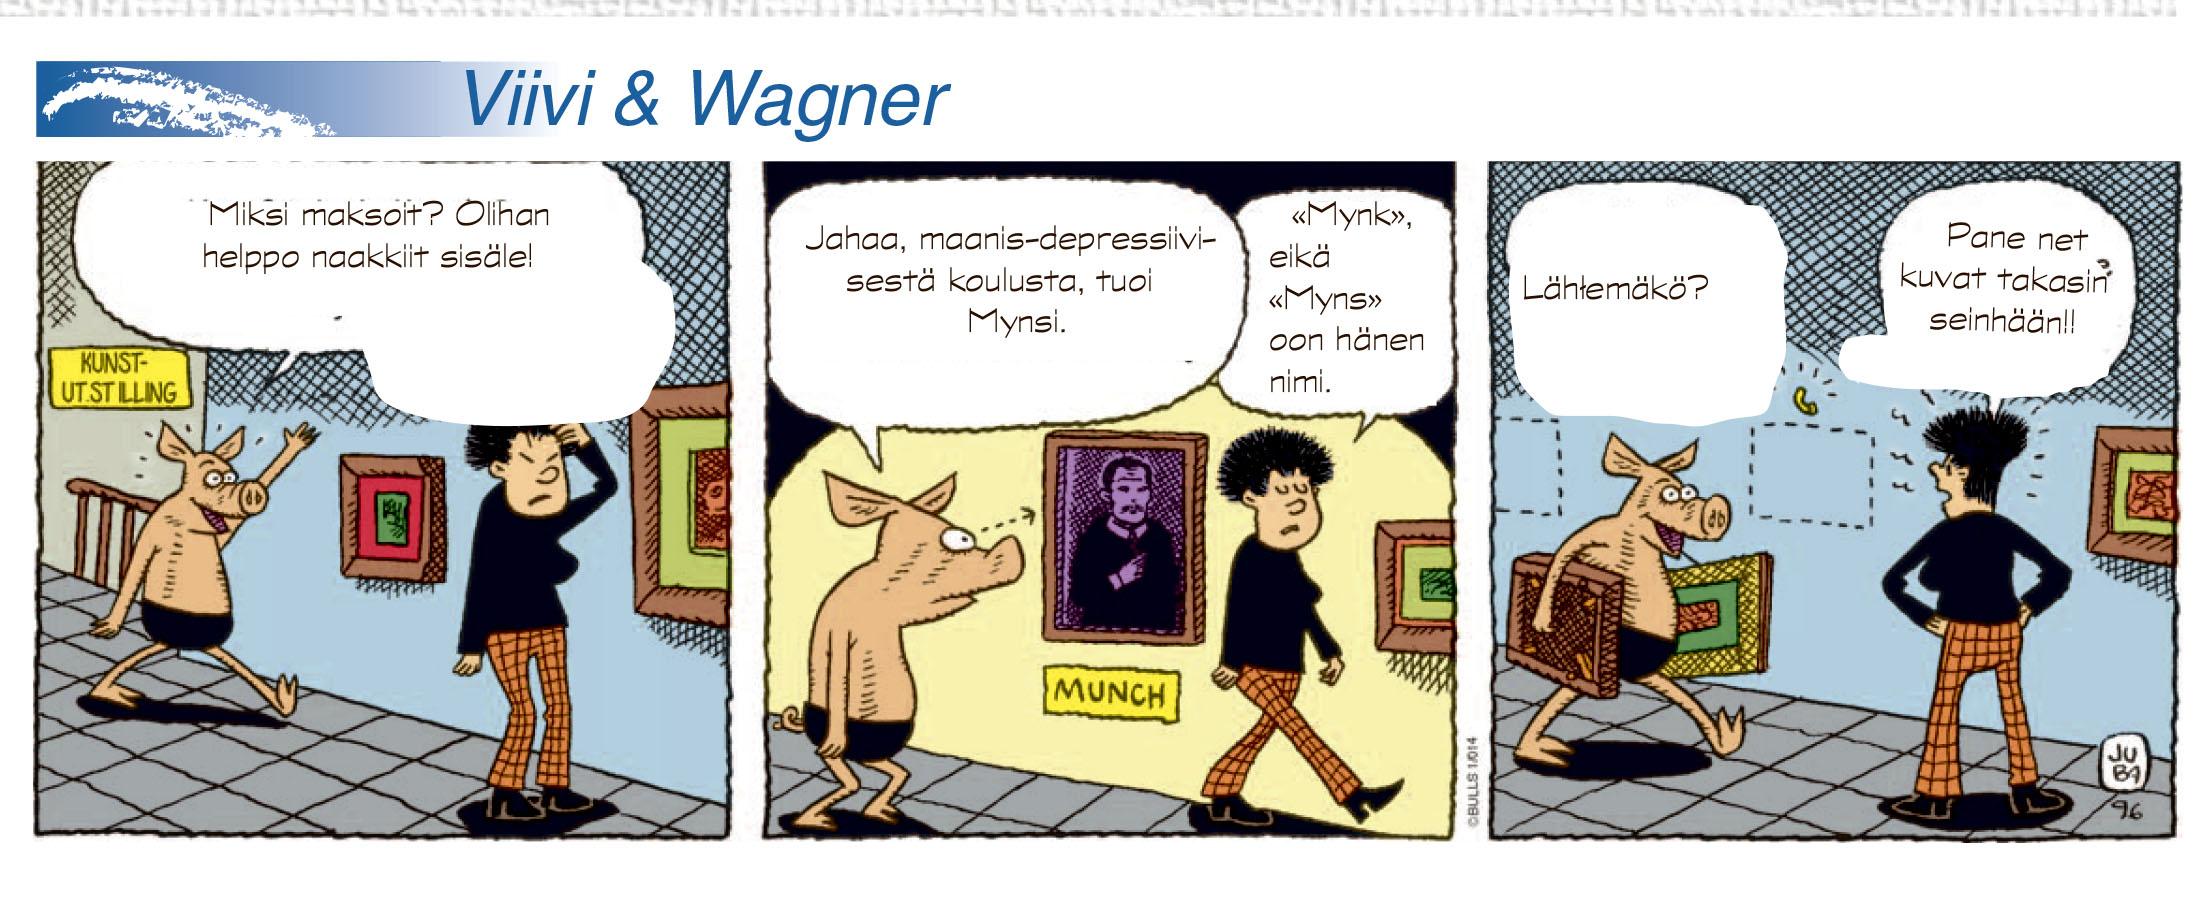 Viivi & Wagner (nr 4 -2013)